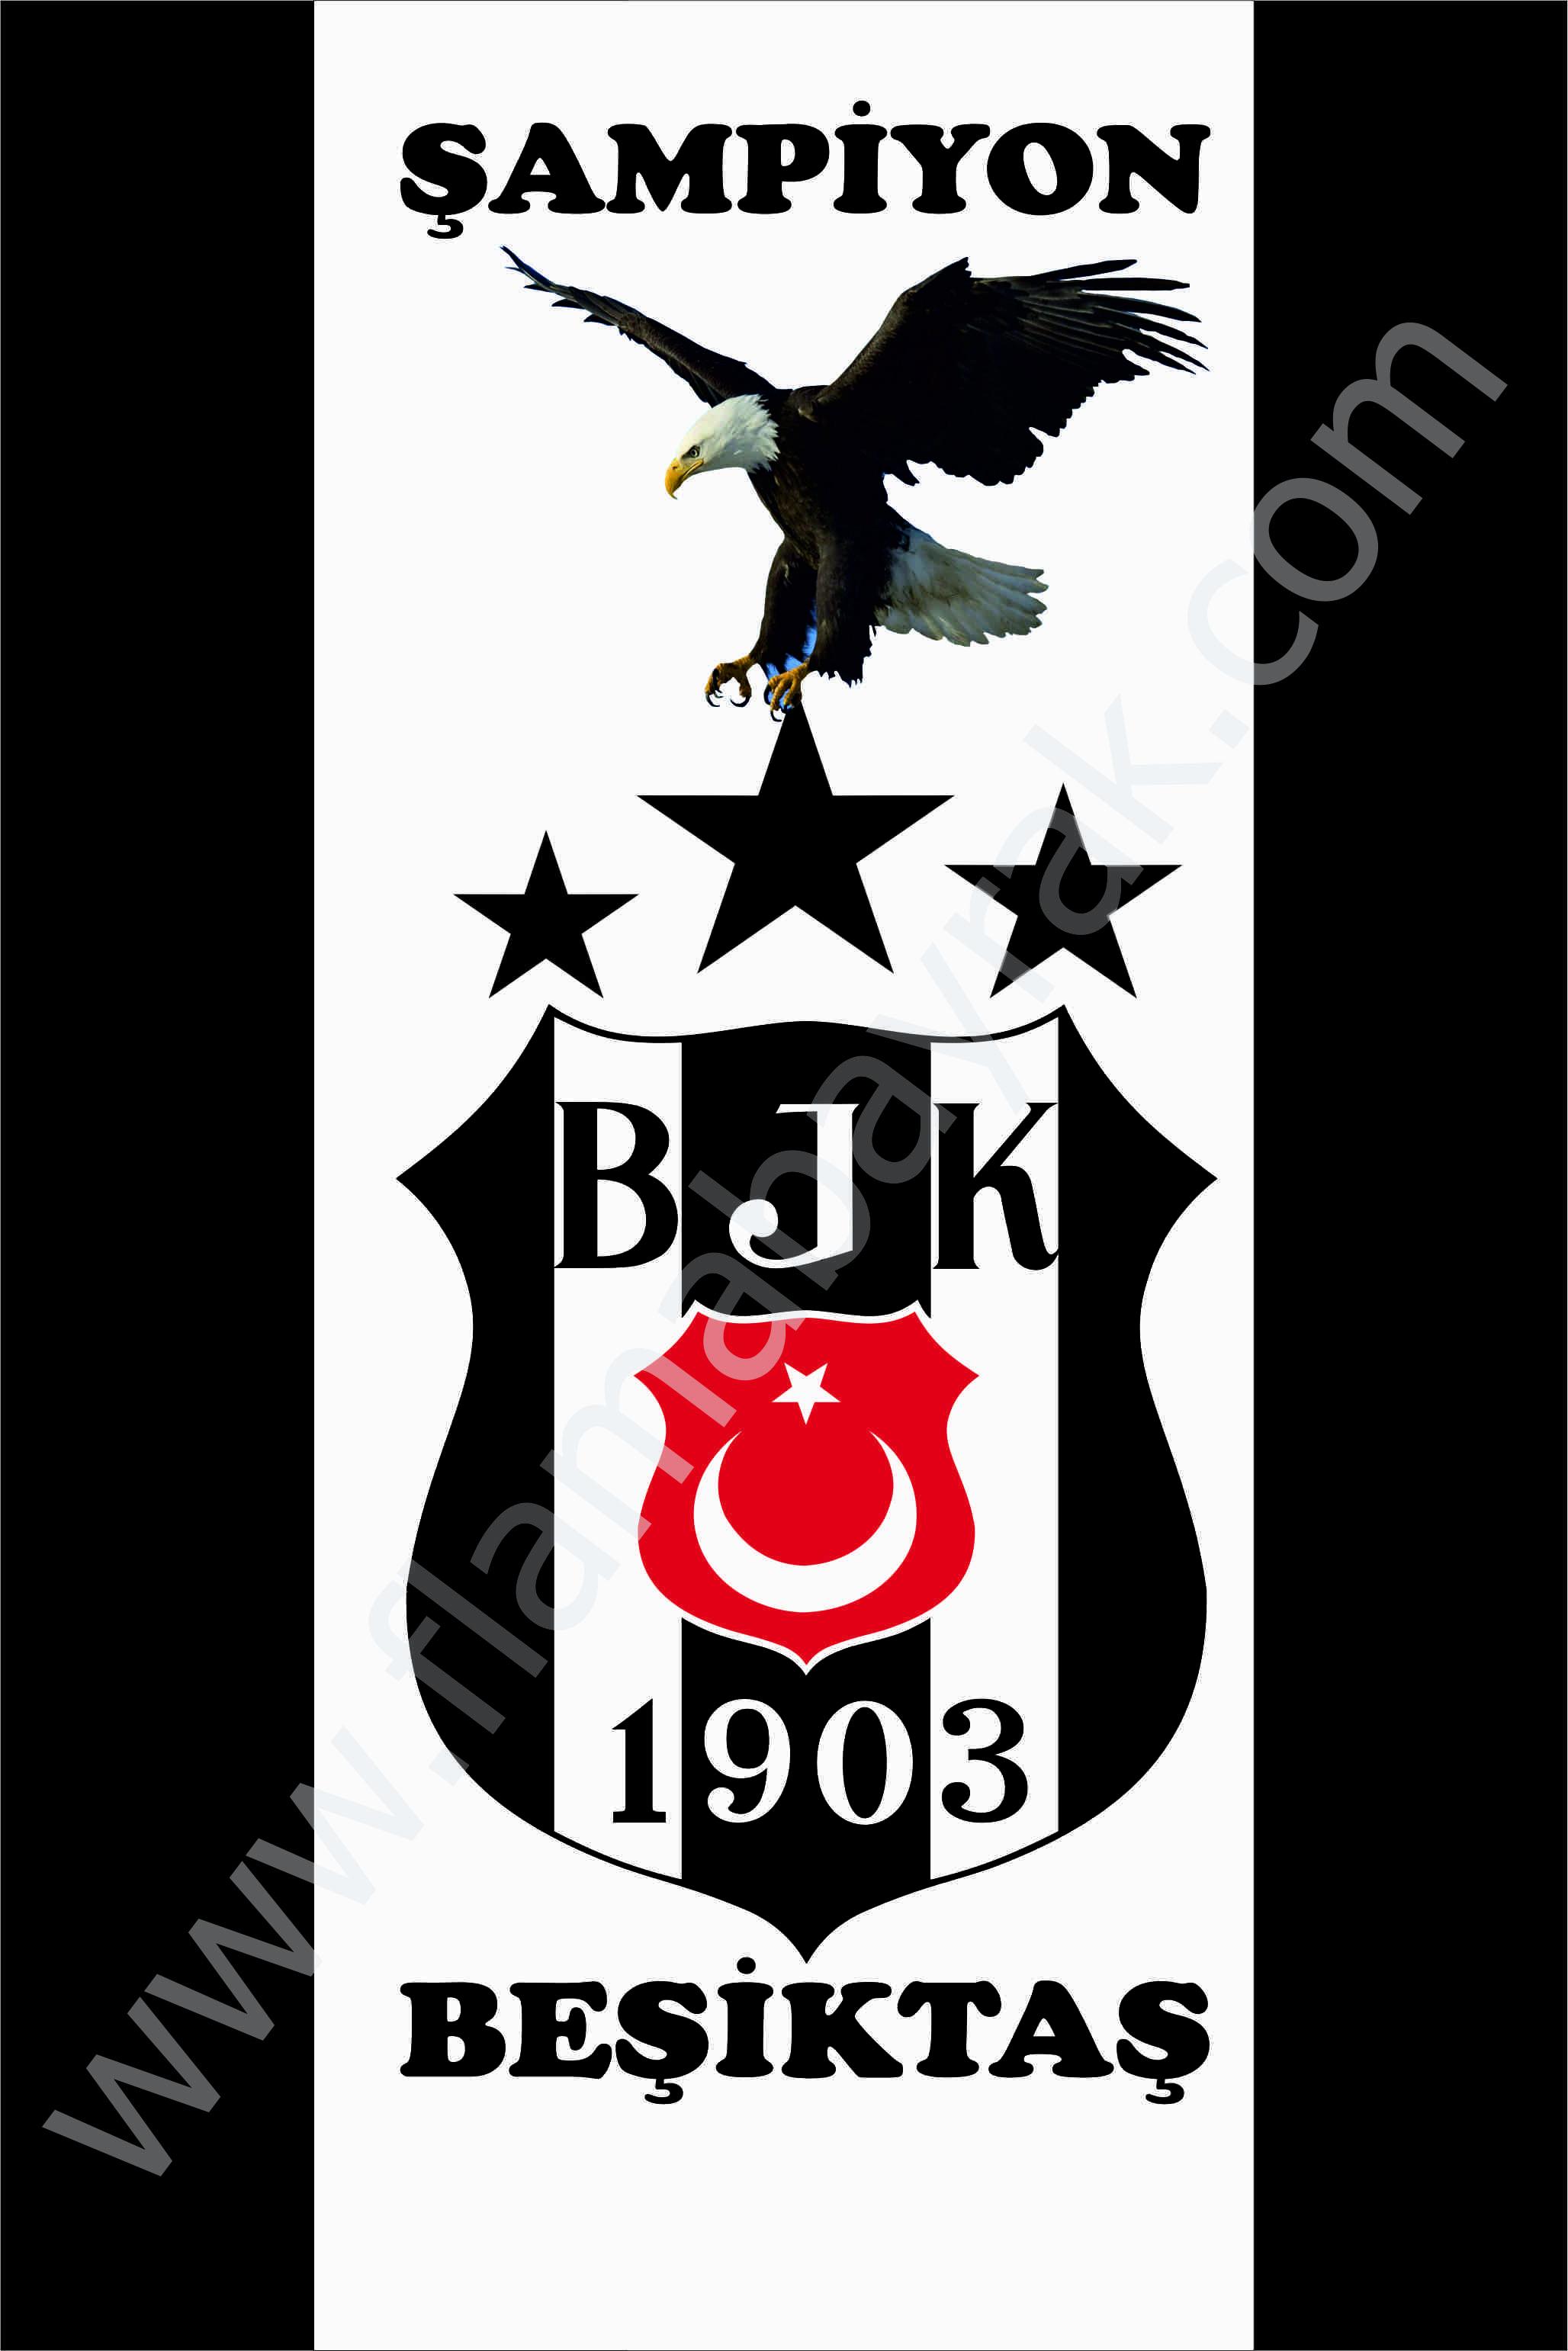 BE%C5%9E%C4%B0KTA%C5%9E 15 Beşiktaş Takım Bayrağı